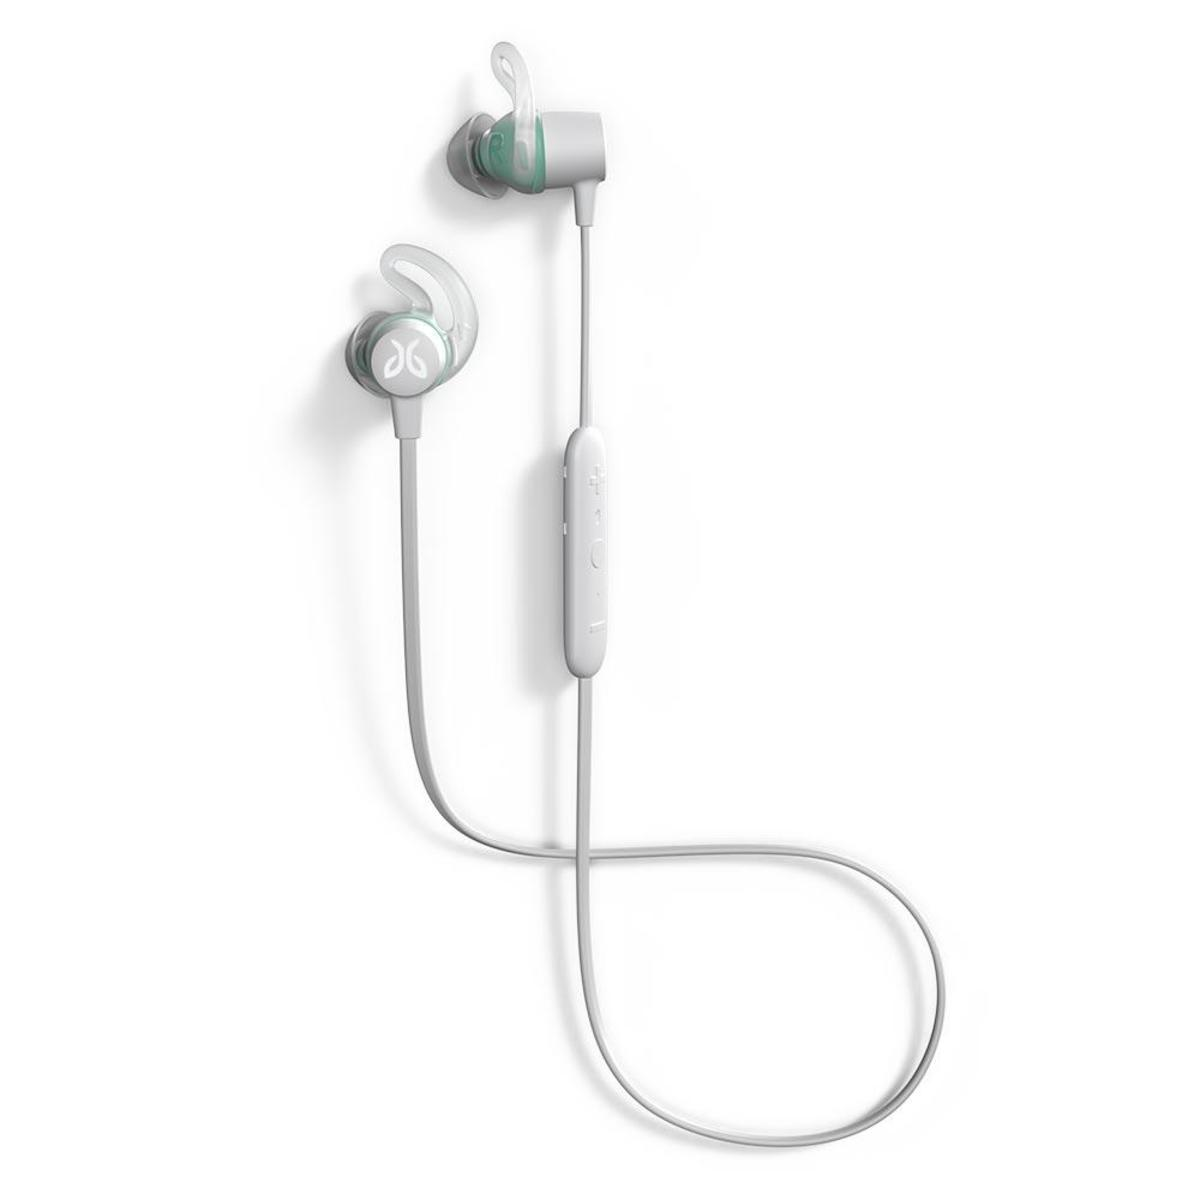 Tarah 無線運動藍牙耳機 - 灰色